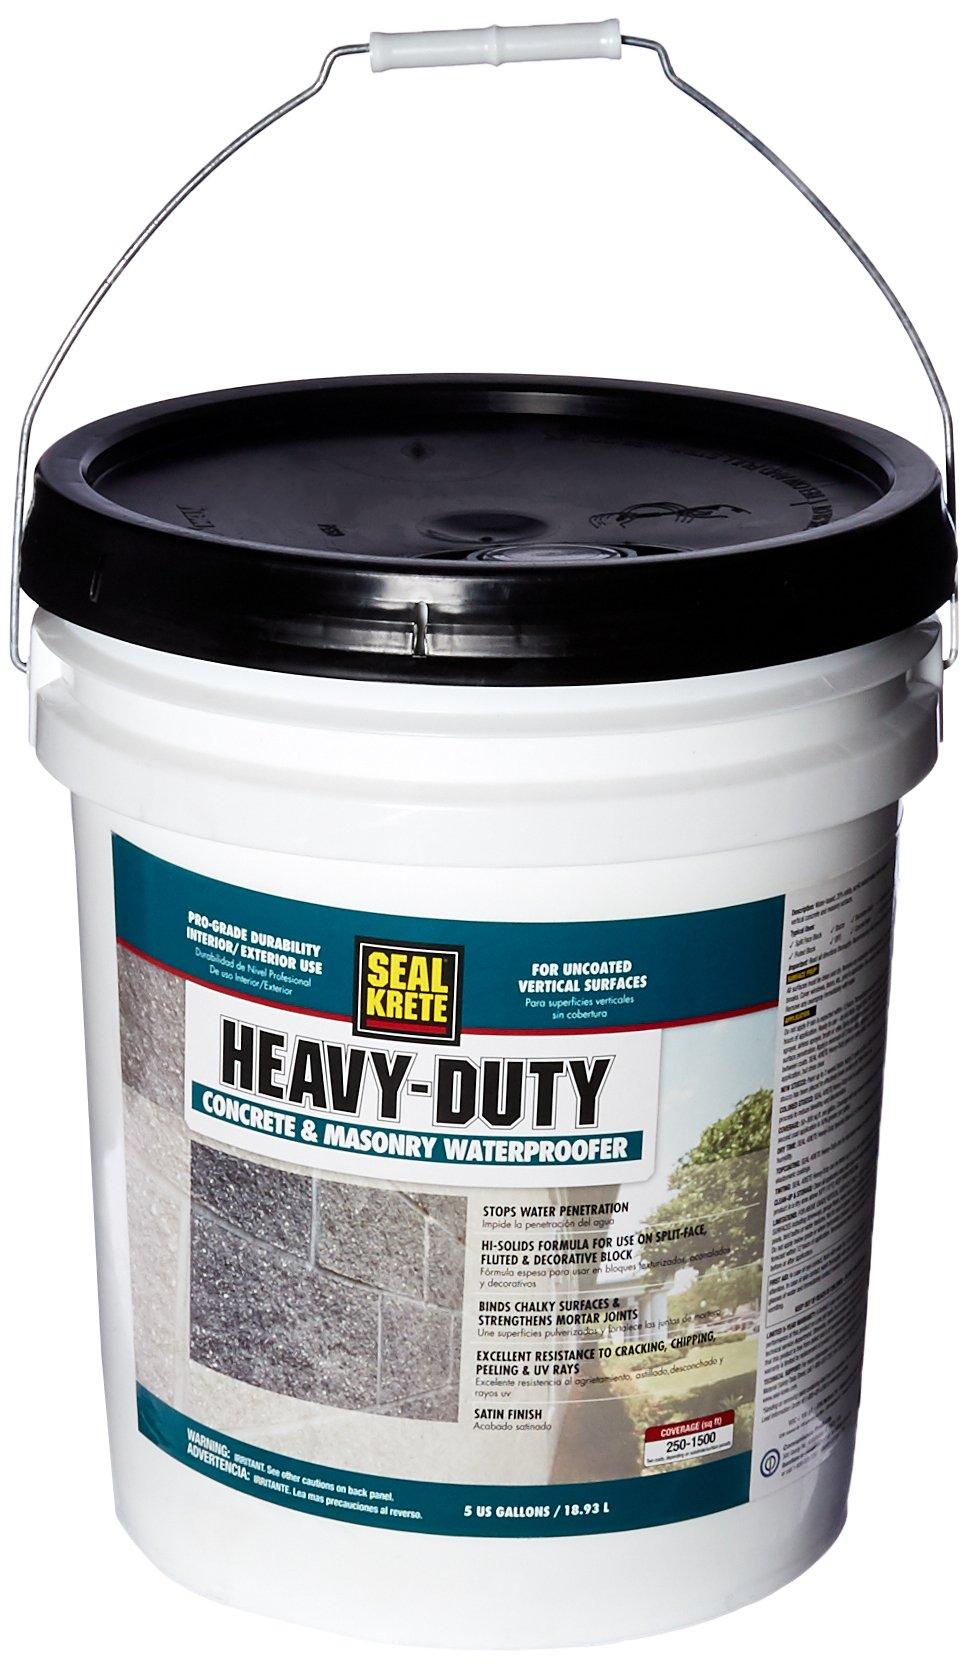 Seal-Krete 700005 5 gal. Heavy Duty Water proofer Hi Solids